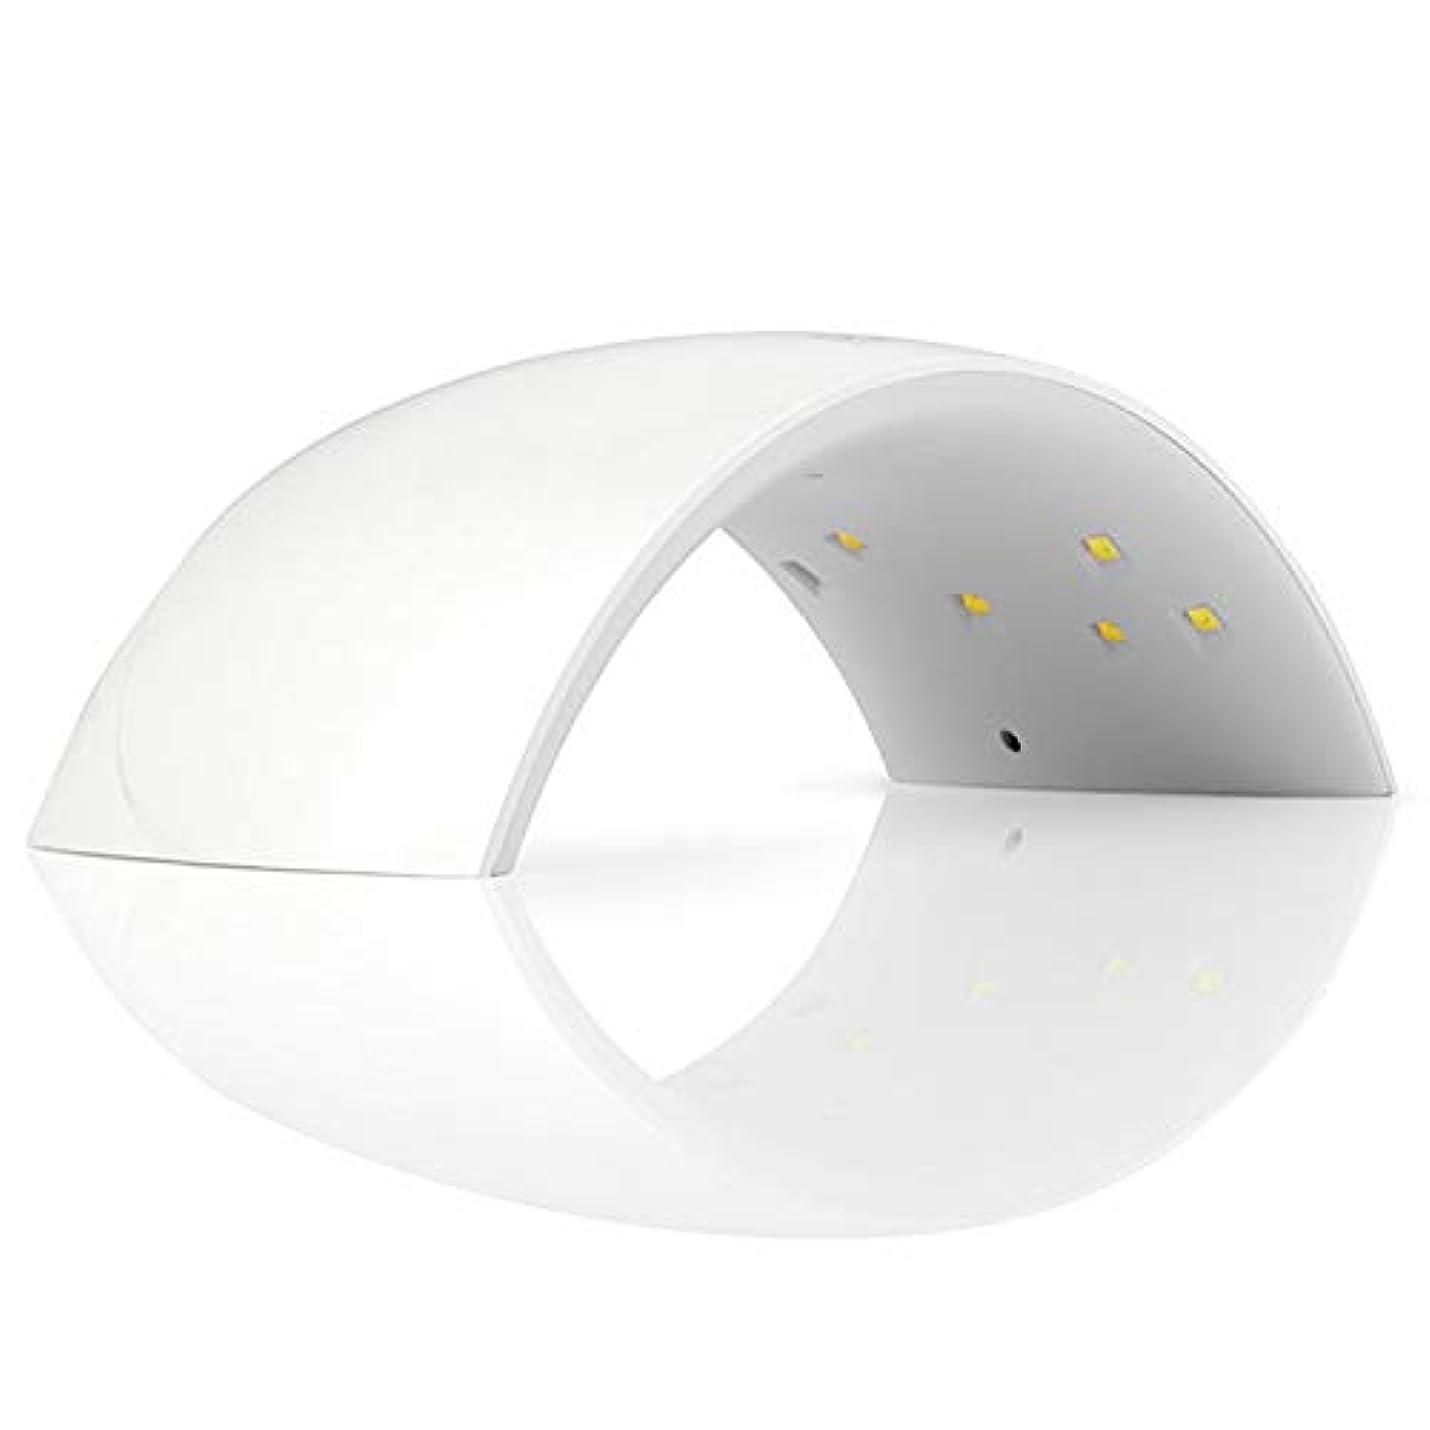 2タイマー設定のLED UVネイルドライヤー - ネイルライト硬化LEDジェルネイルポリッシュ、プロネイルホーム、サロン